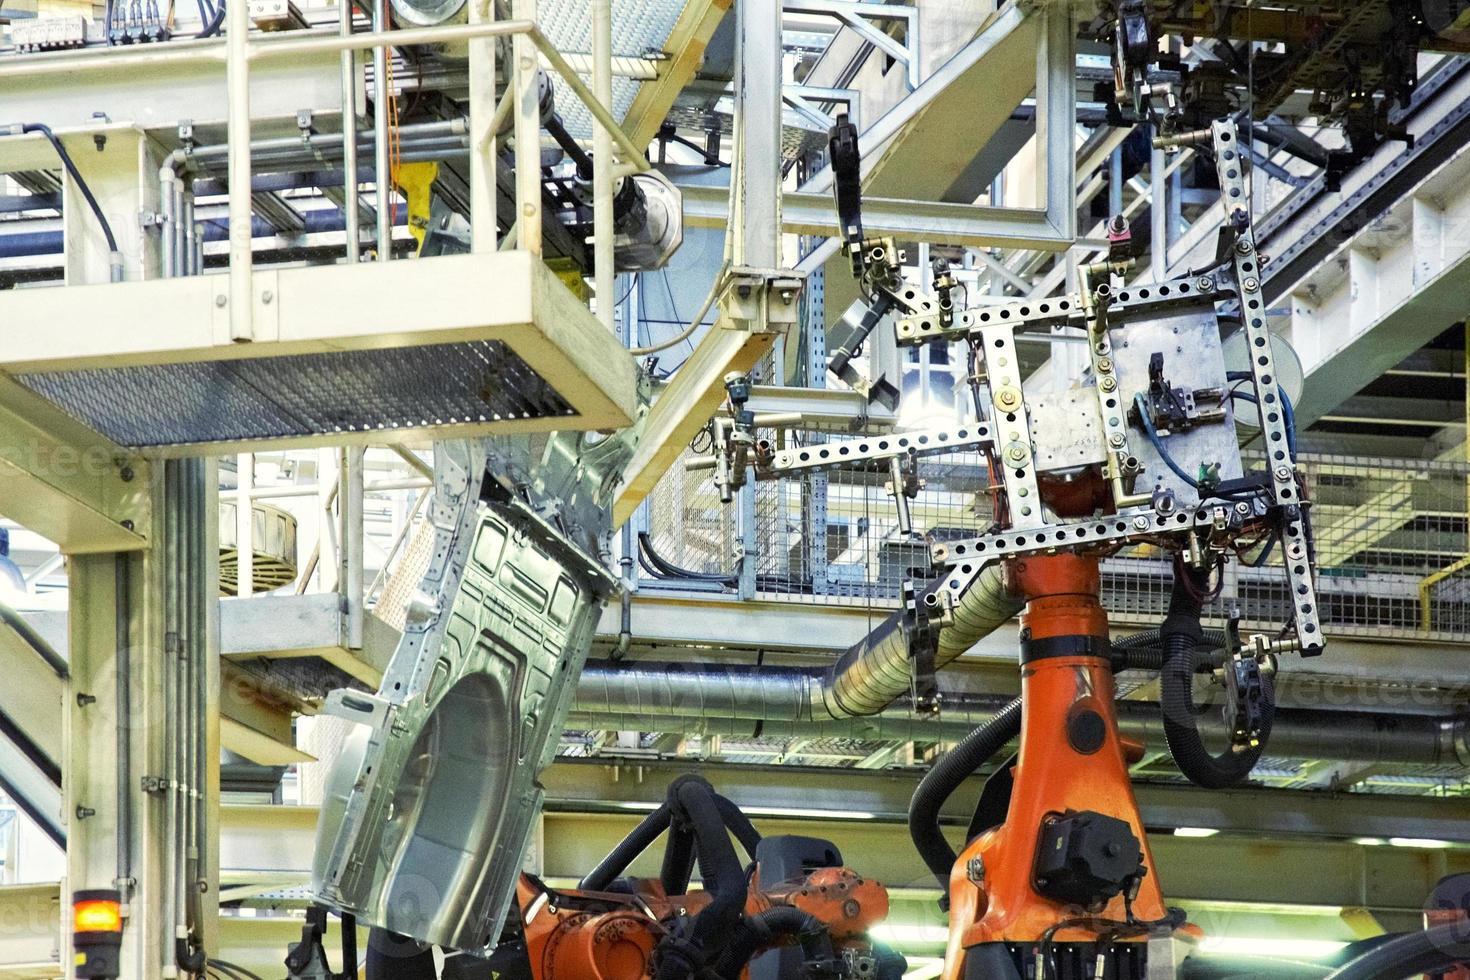 robots en una fábrica de automóviles foto